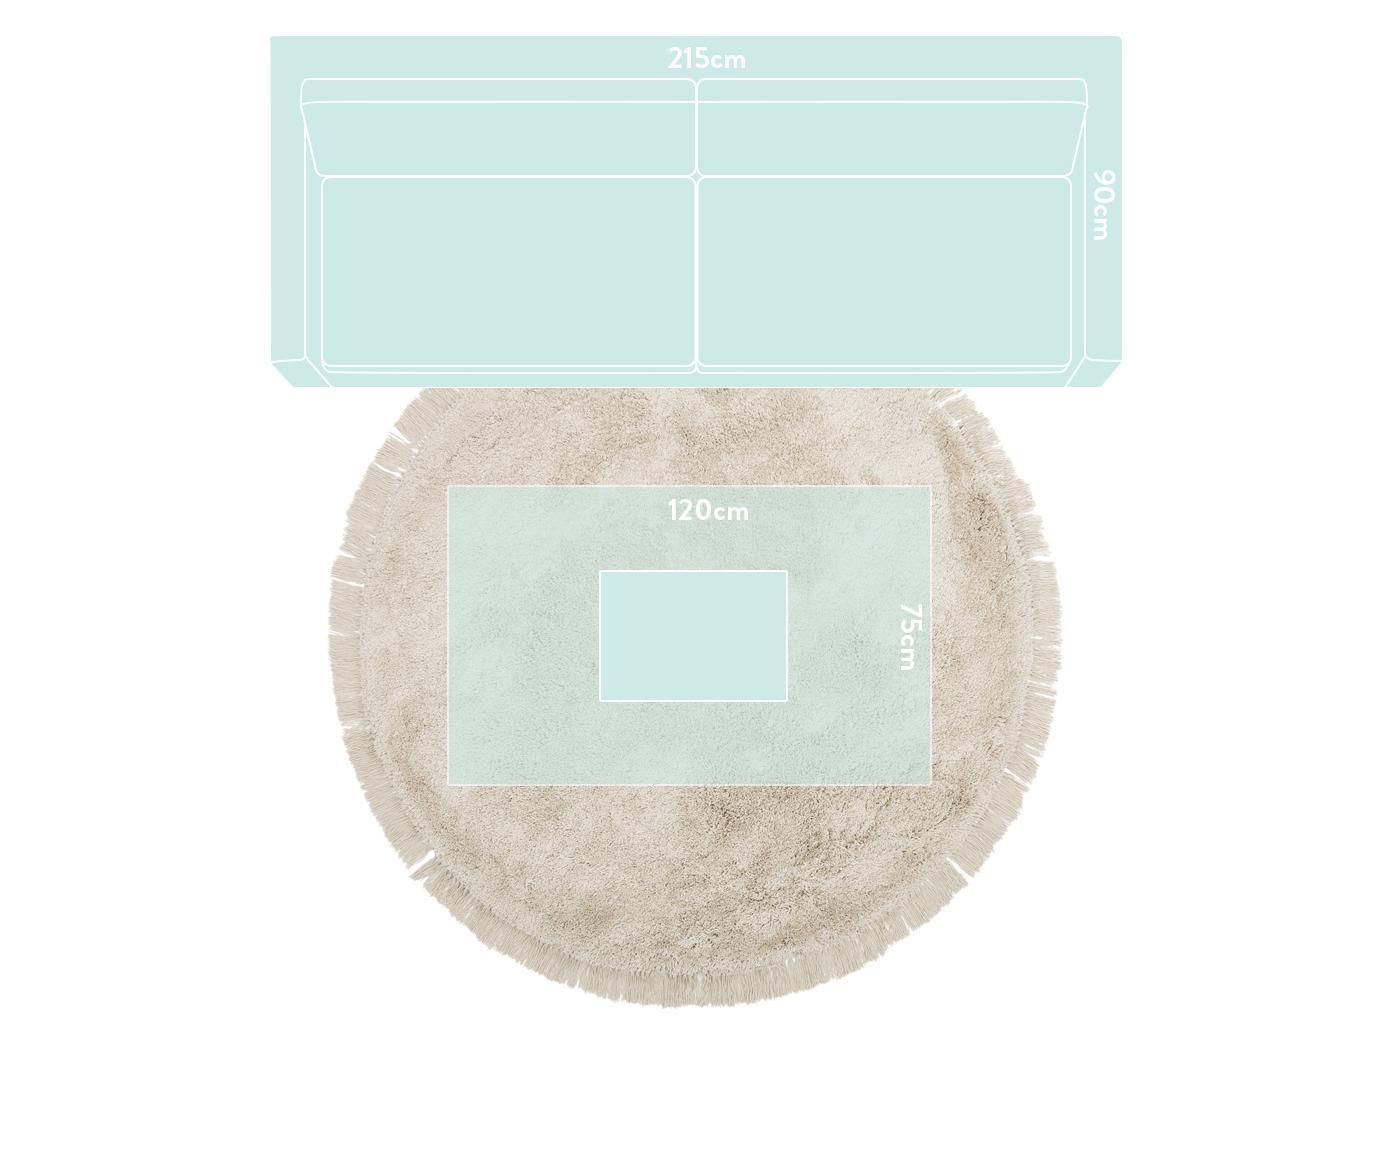 Tappeto a pelo lungo con frange Dreamy, Retro: 100% cotone, Crema, Ø 200 cm (taglia L)